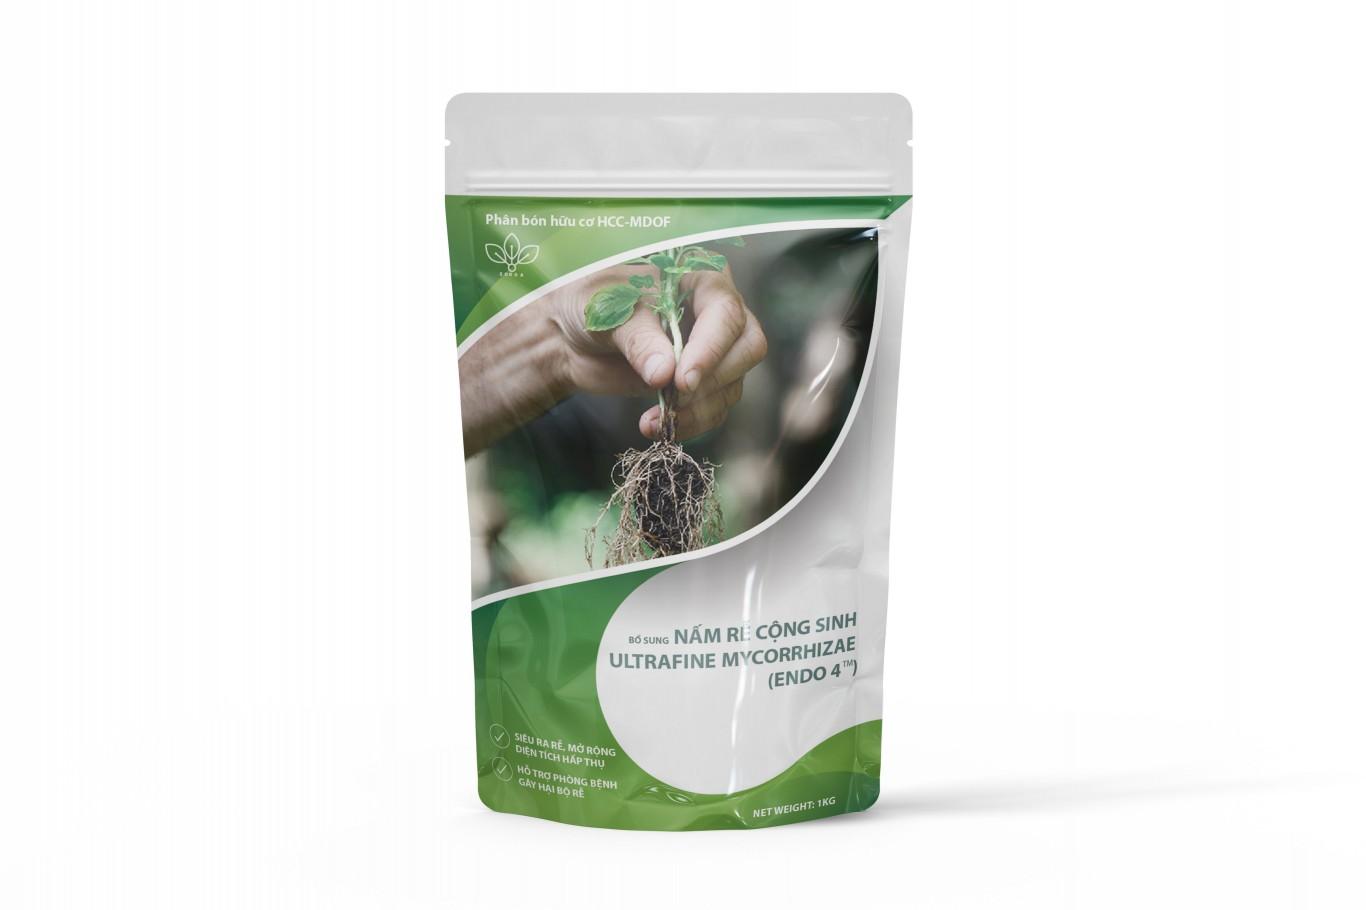 Nấm rễ cộng sinh hỗ trợ